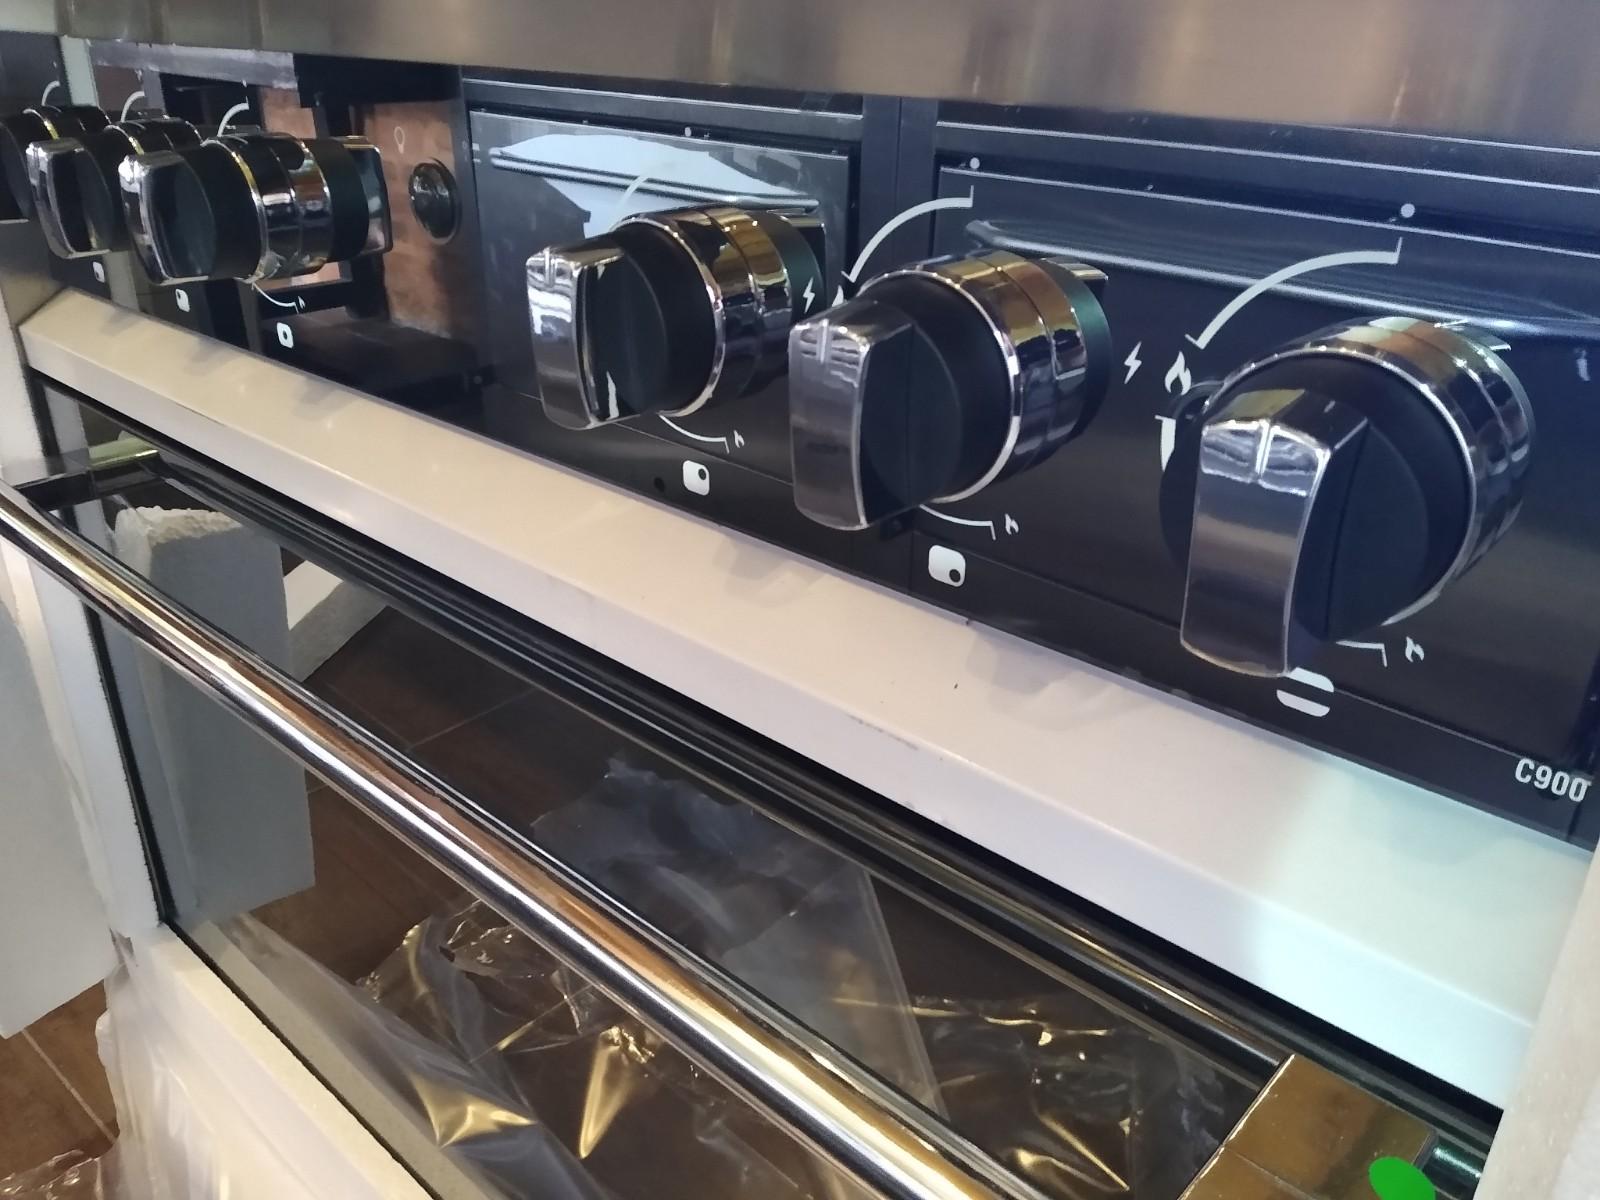 Cocina industrial Morelli Zafira 900 Moderna familiar Visor